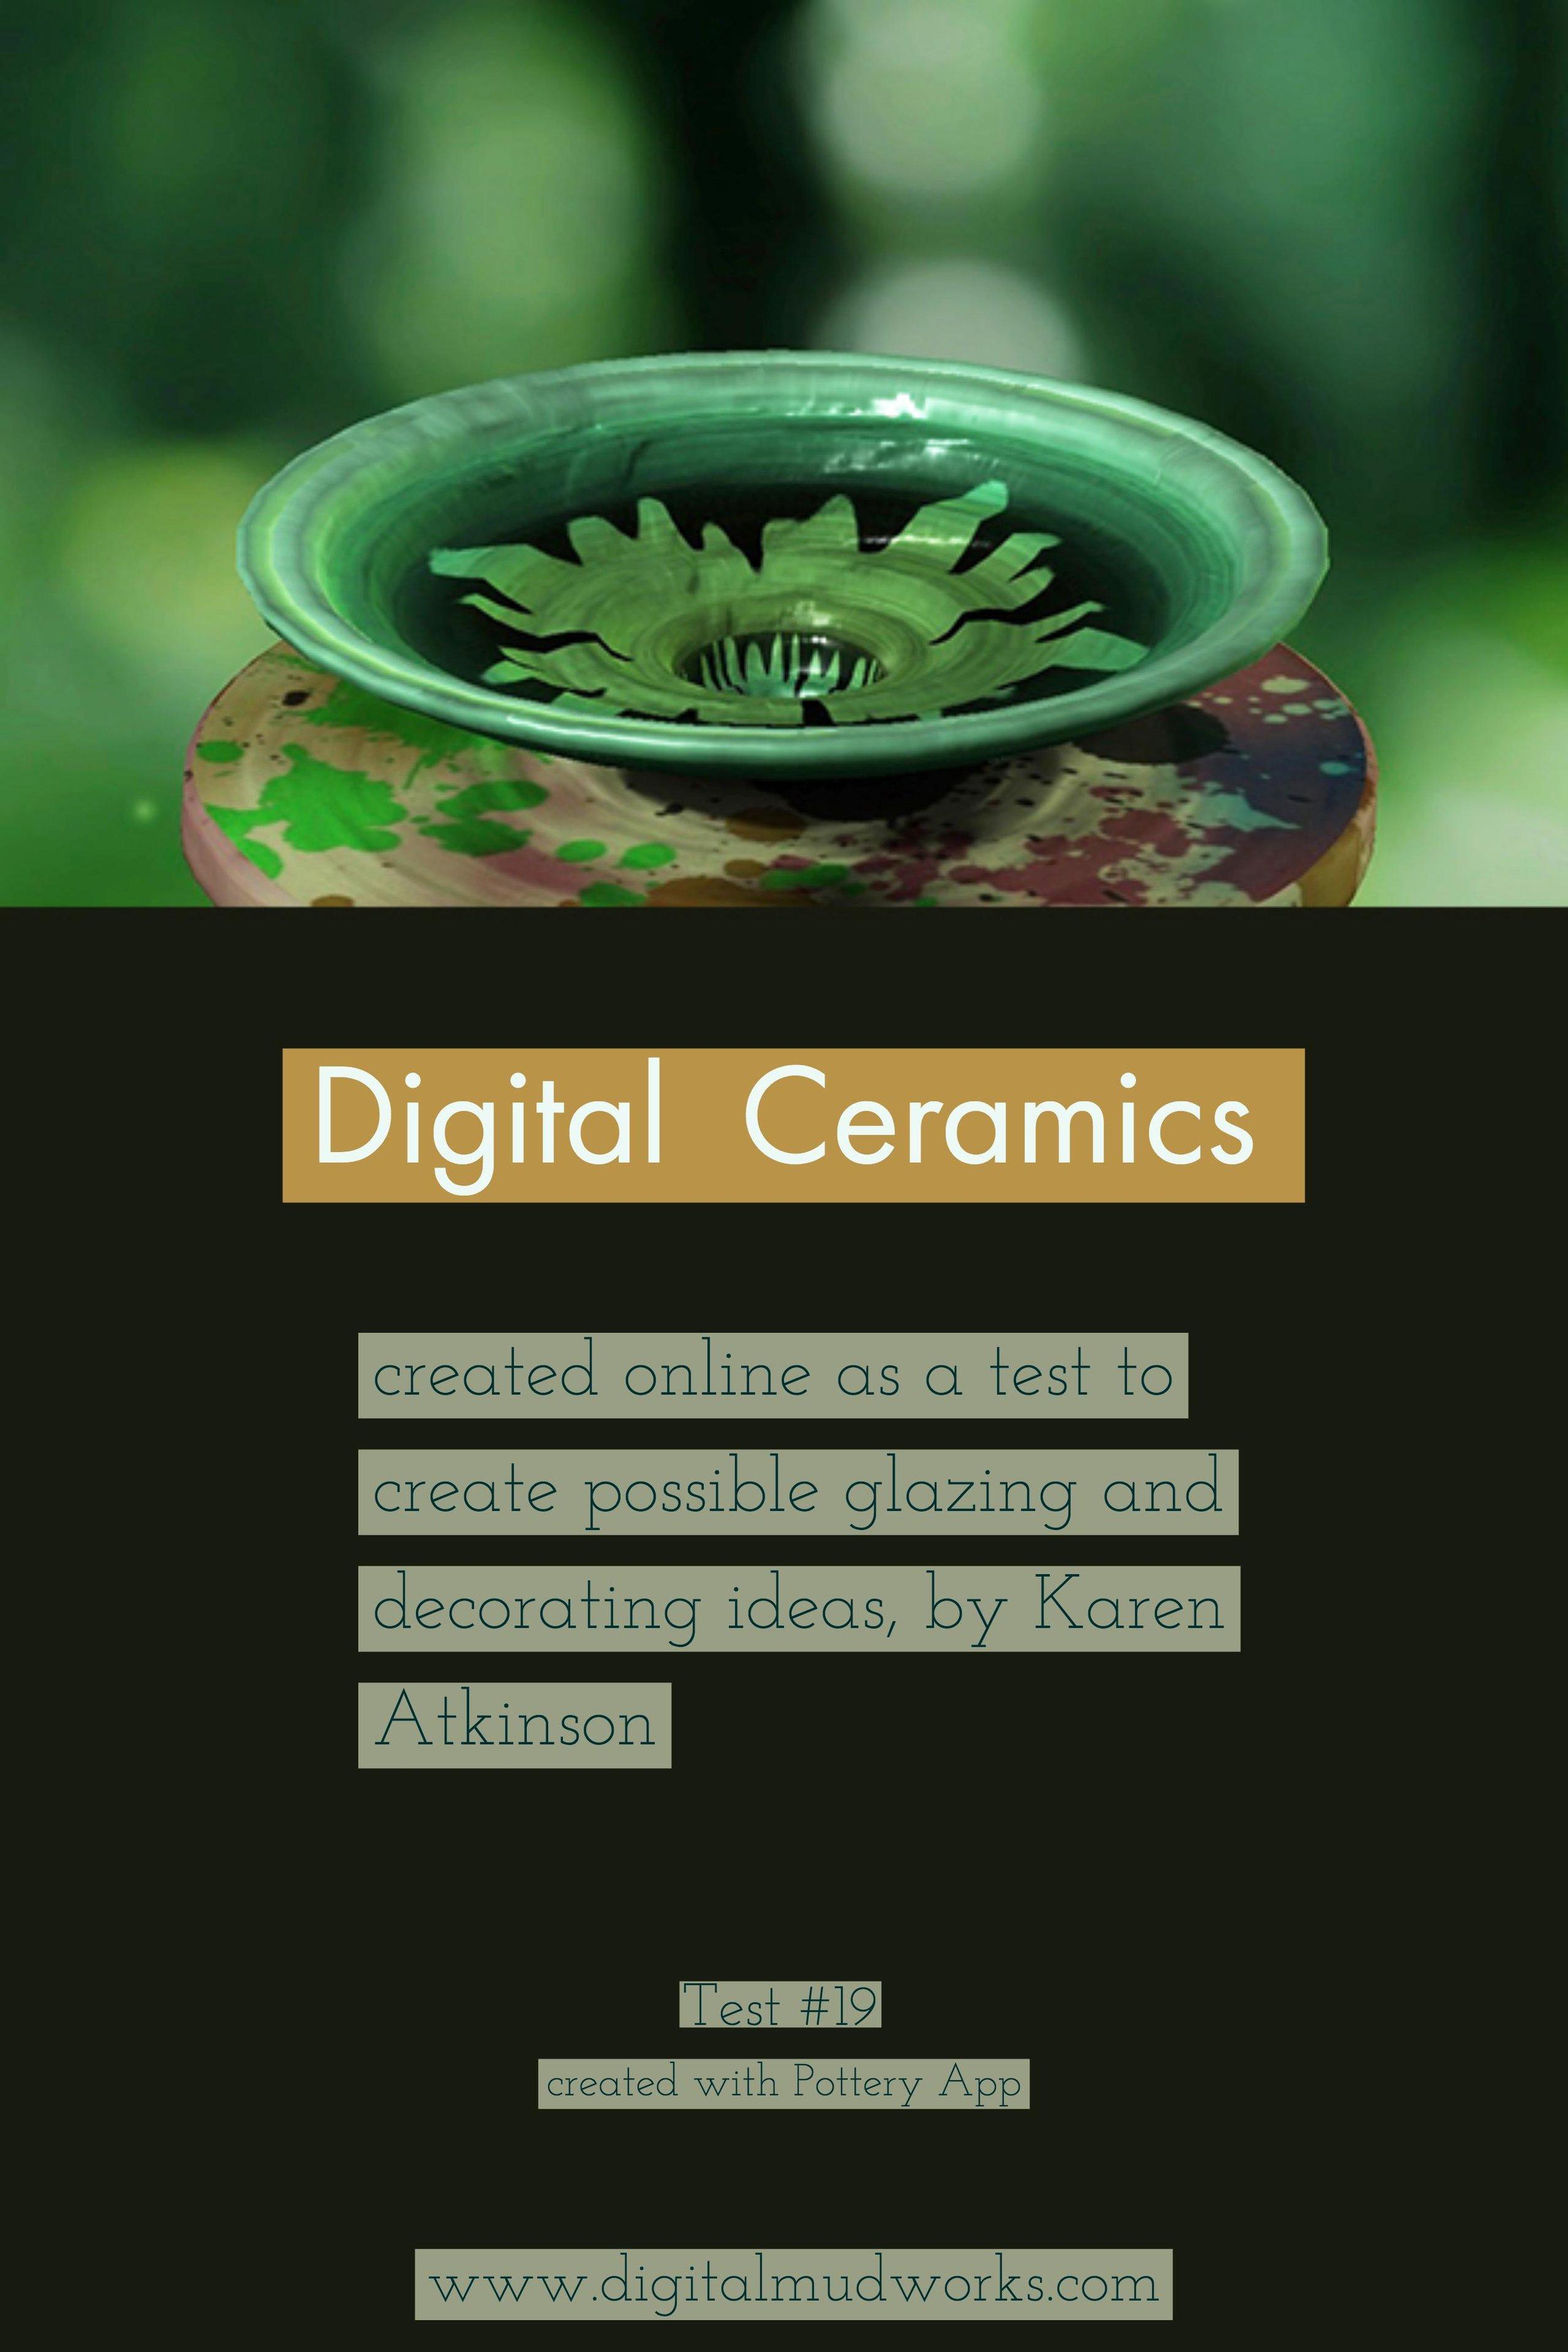 Digital Ceramics Test 019, using a computer app to do glaze and design tests. by Karen Atkinson